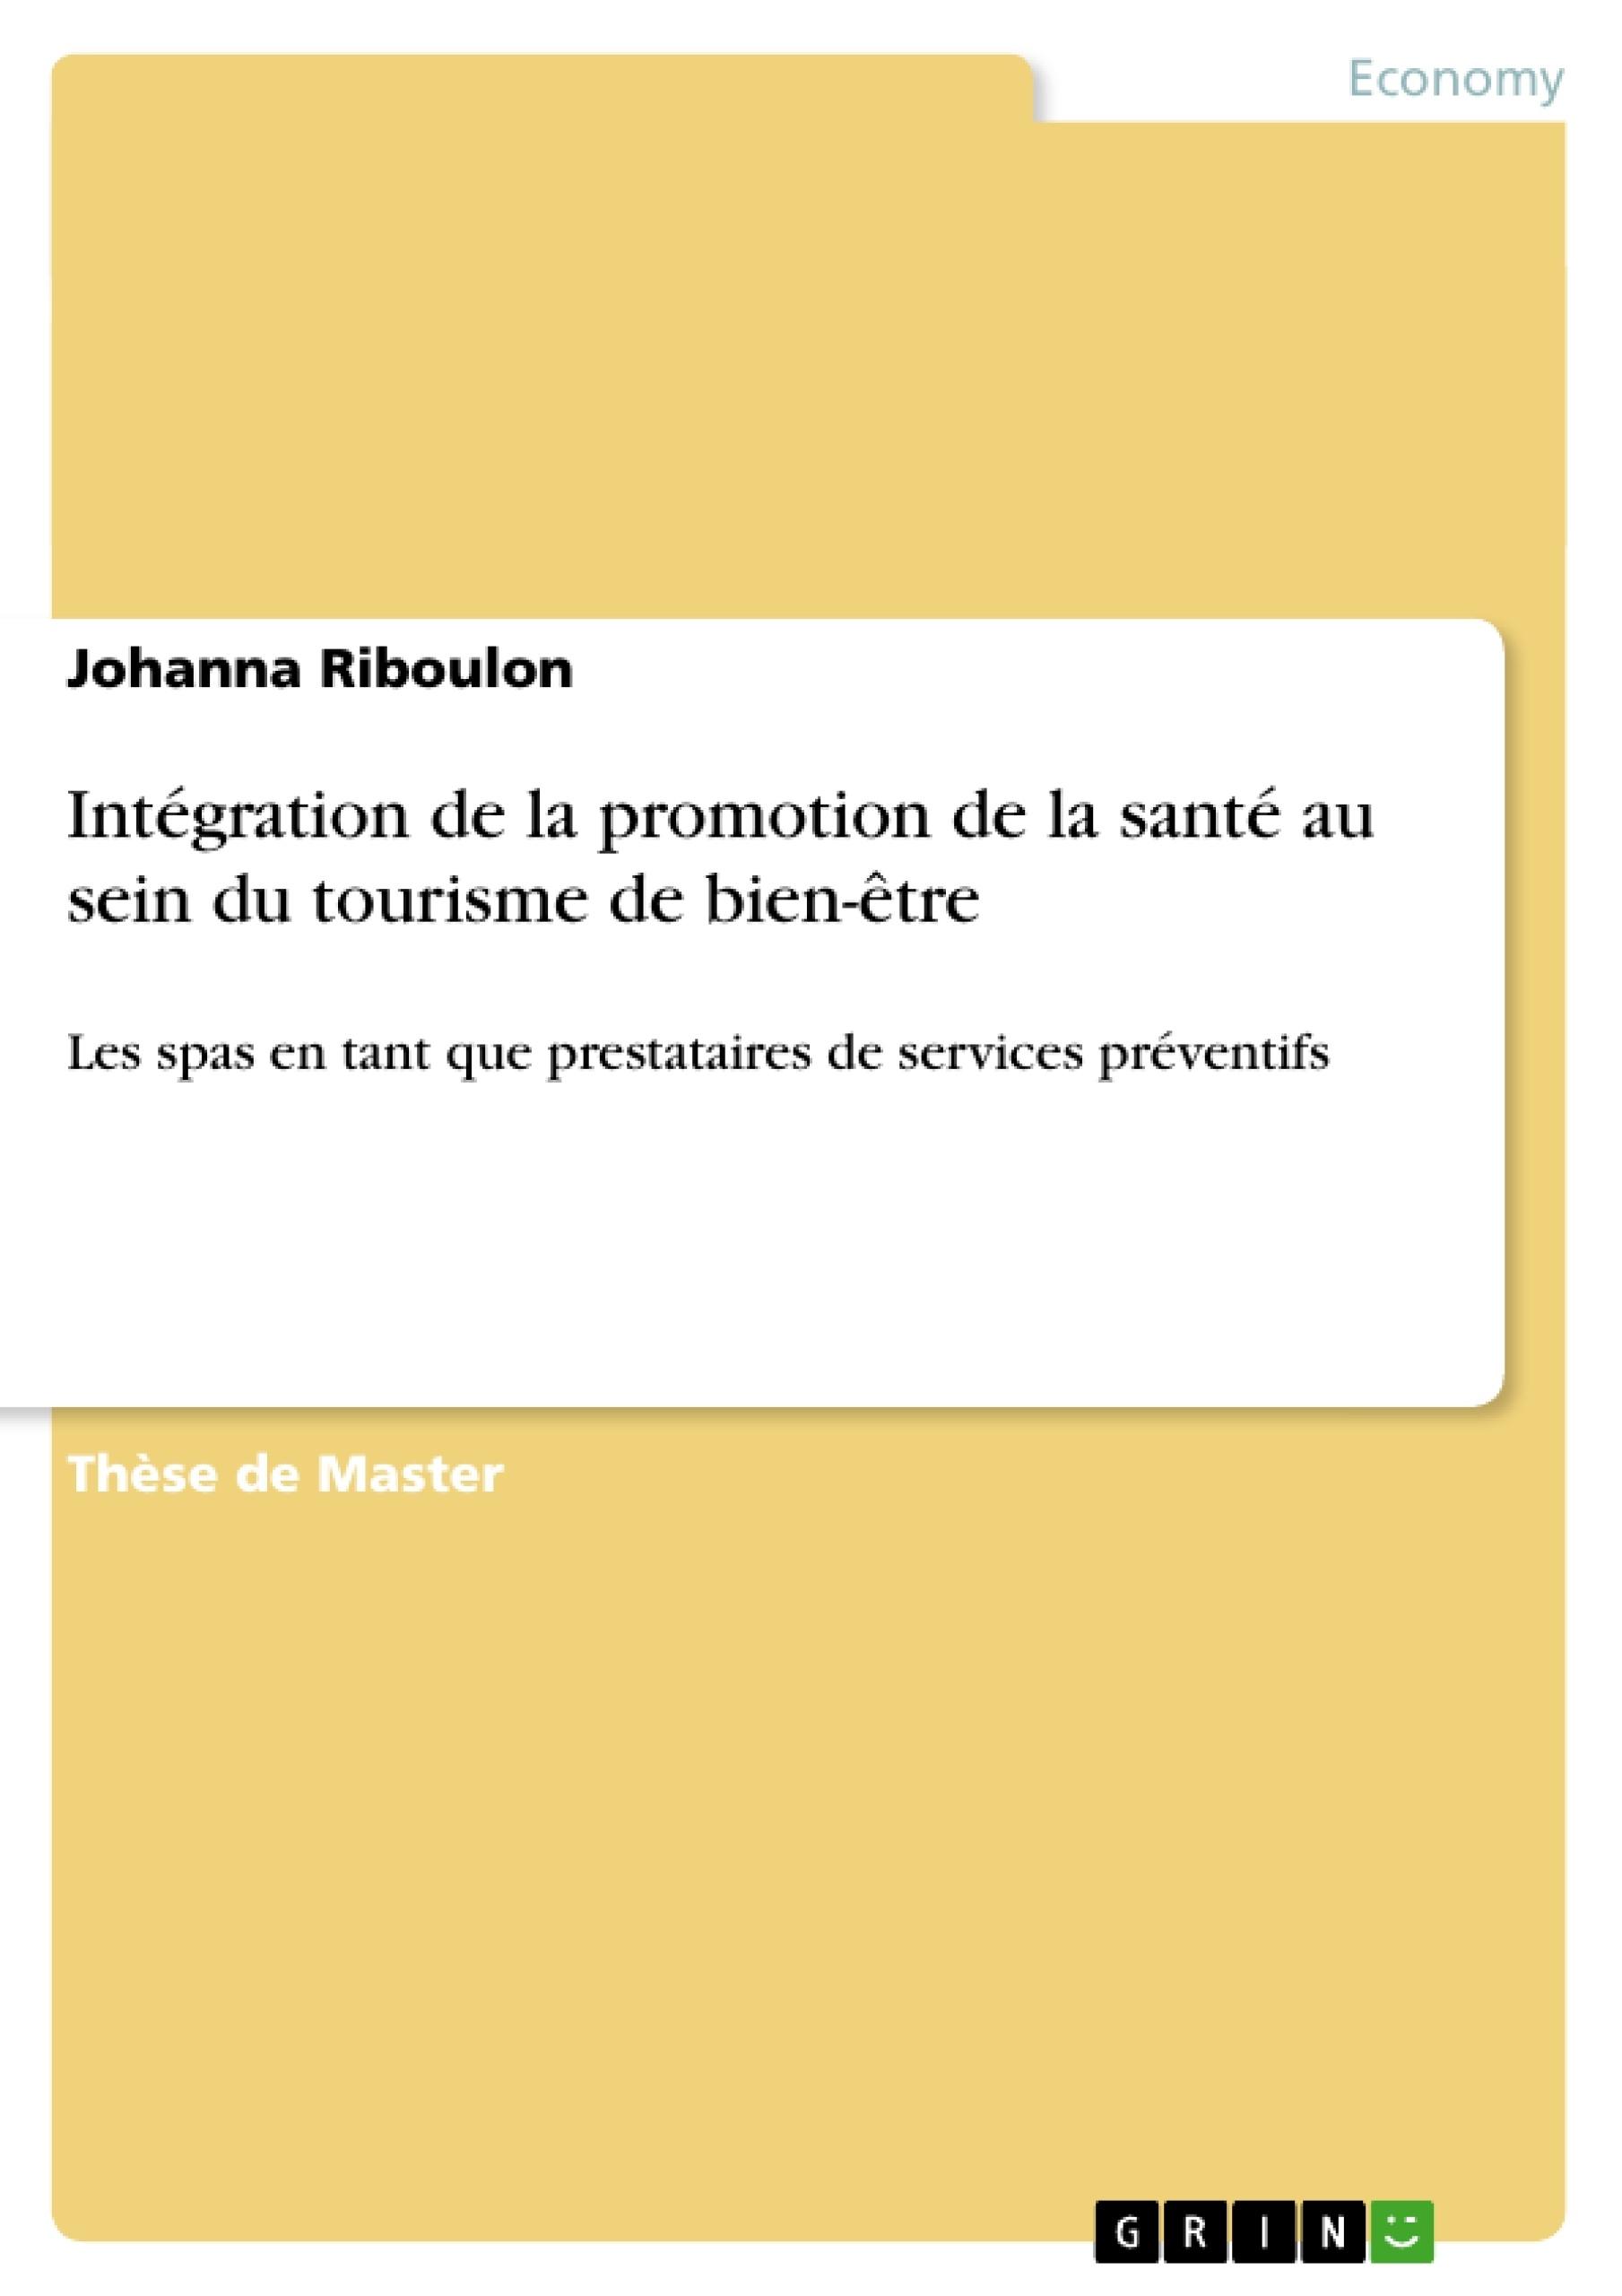 Titre: Intégration de la promotion de la santé au sein du tourisme de bien-être